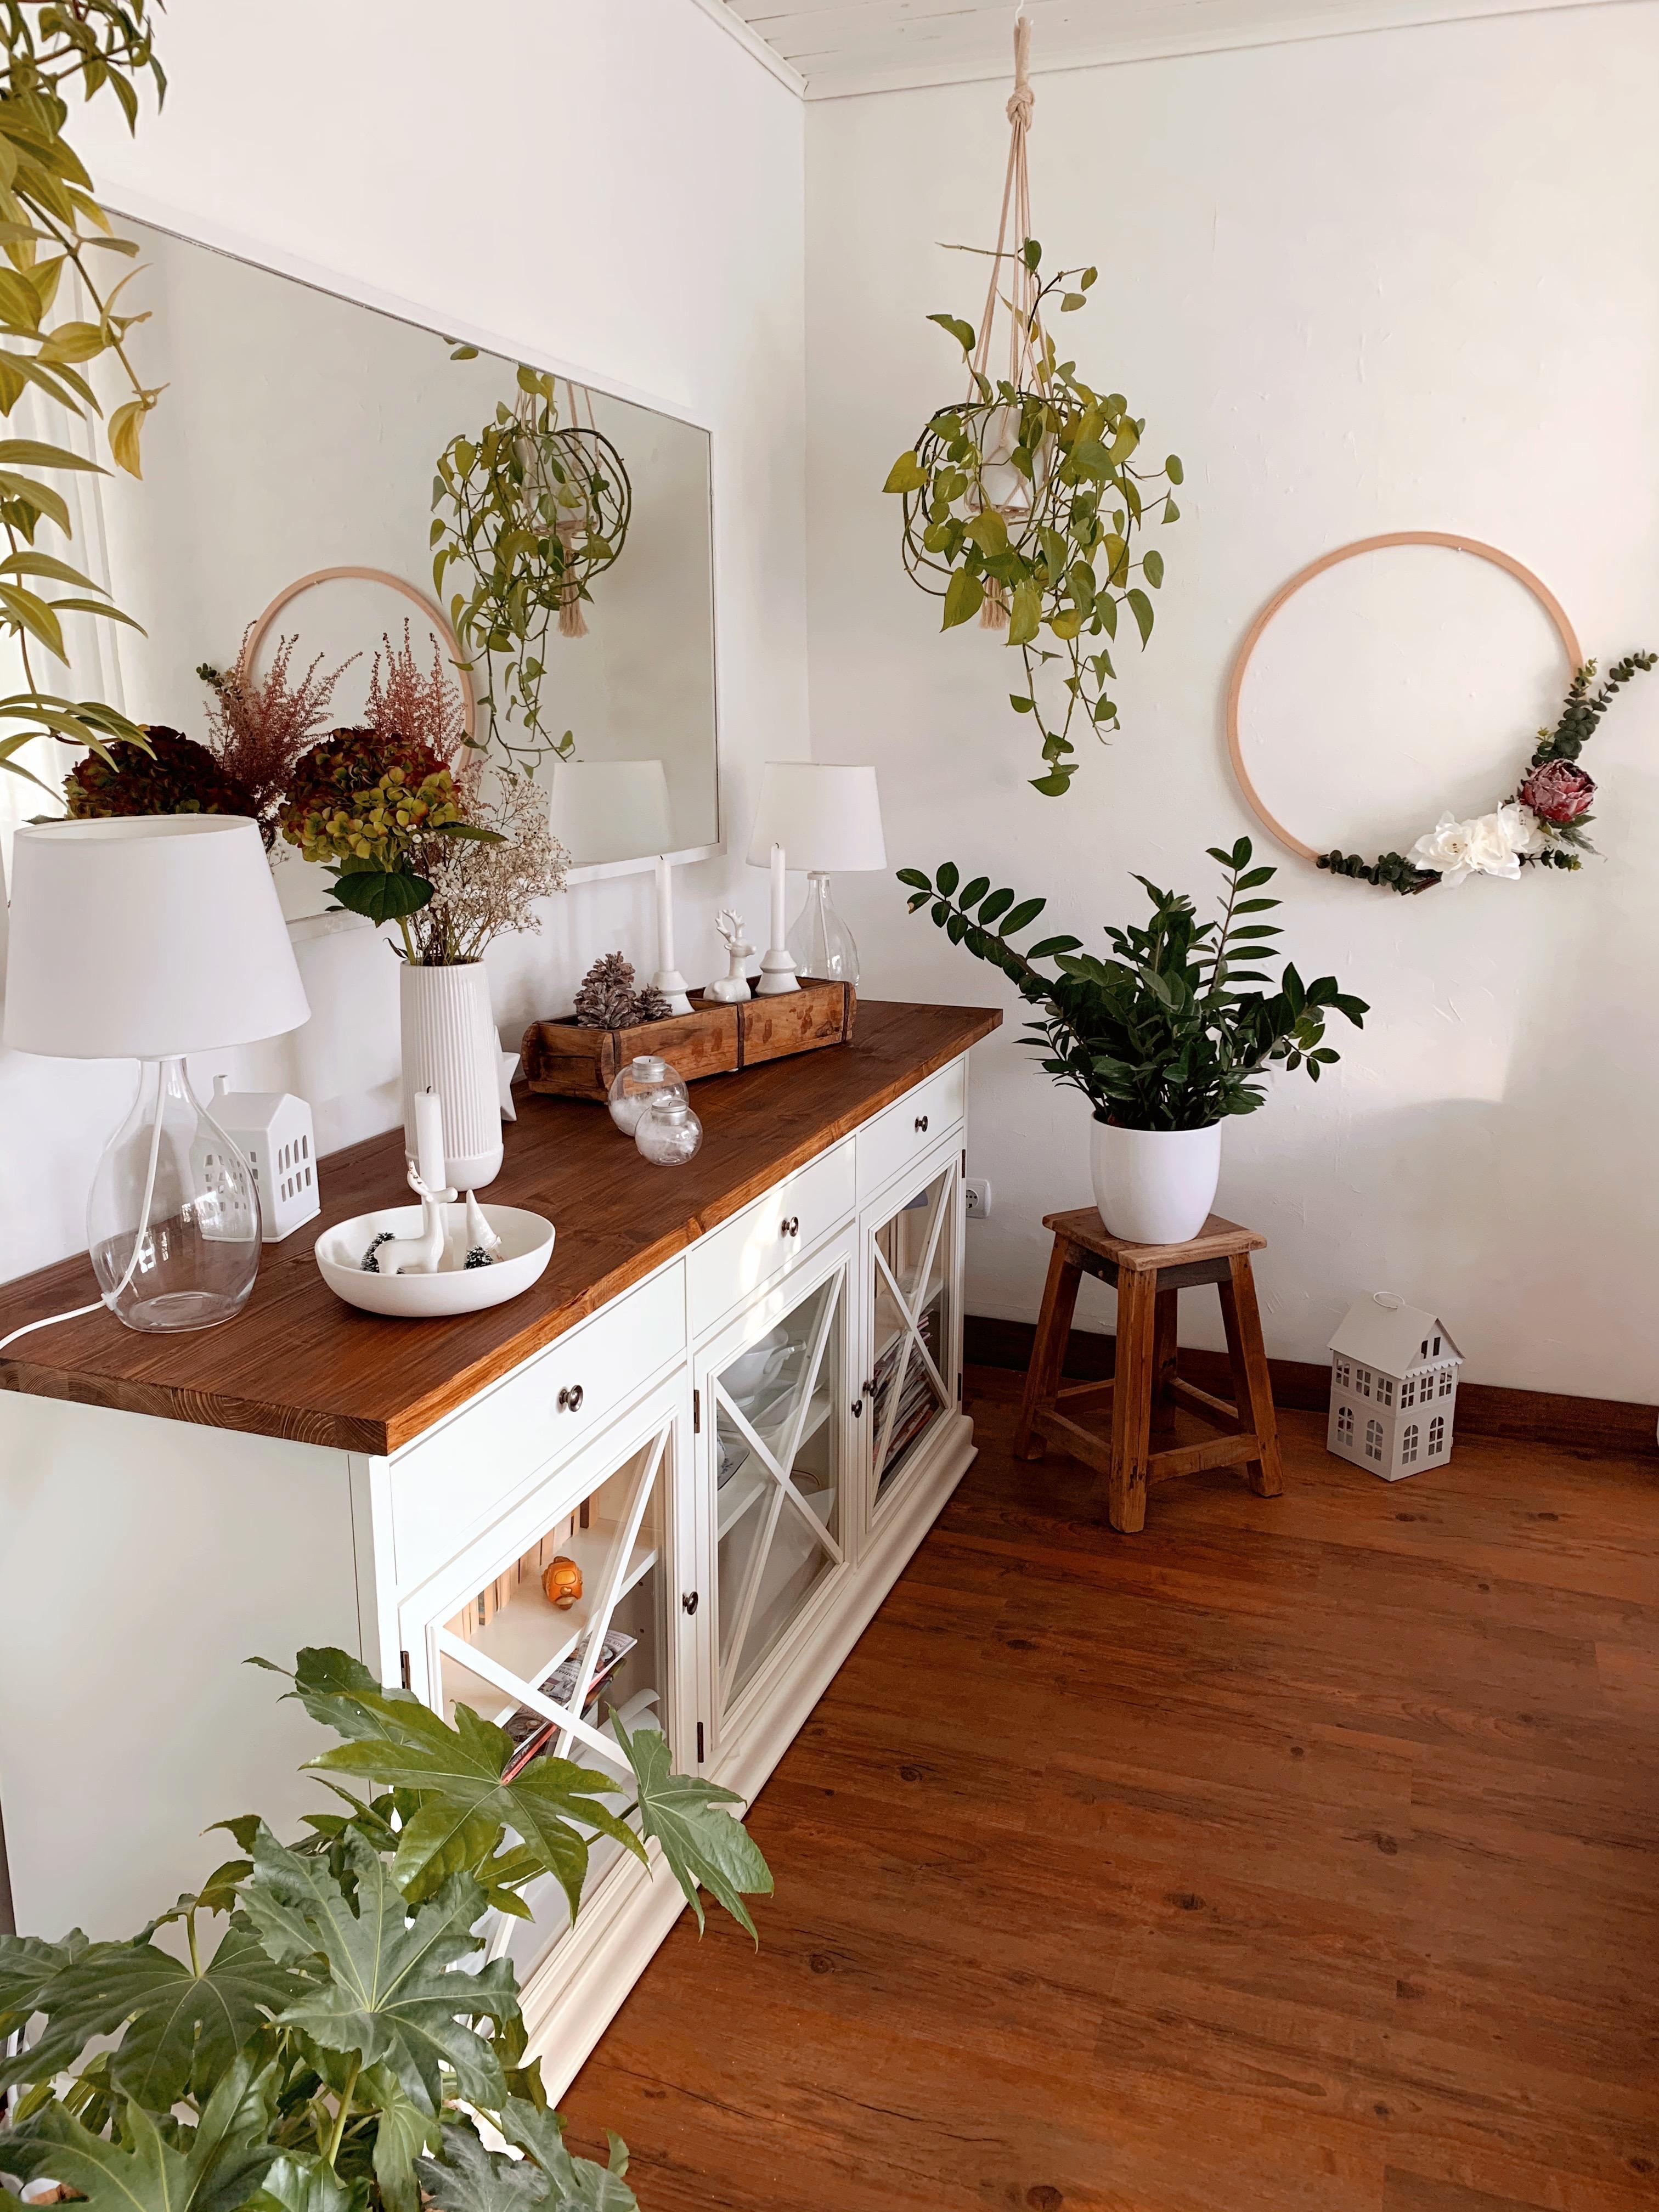 Wohnzimmer Landhaus Deko – Caseconrad.com